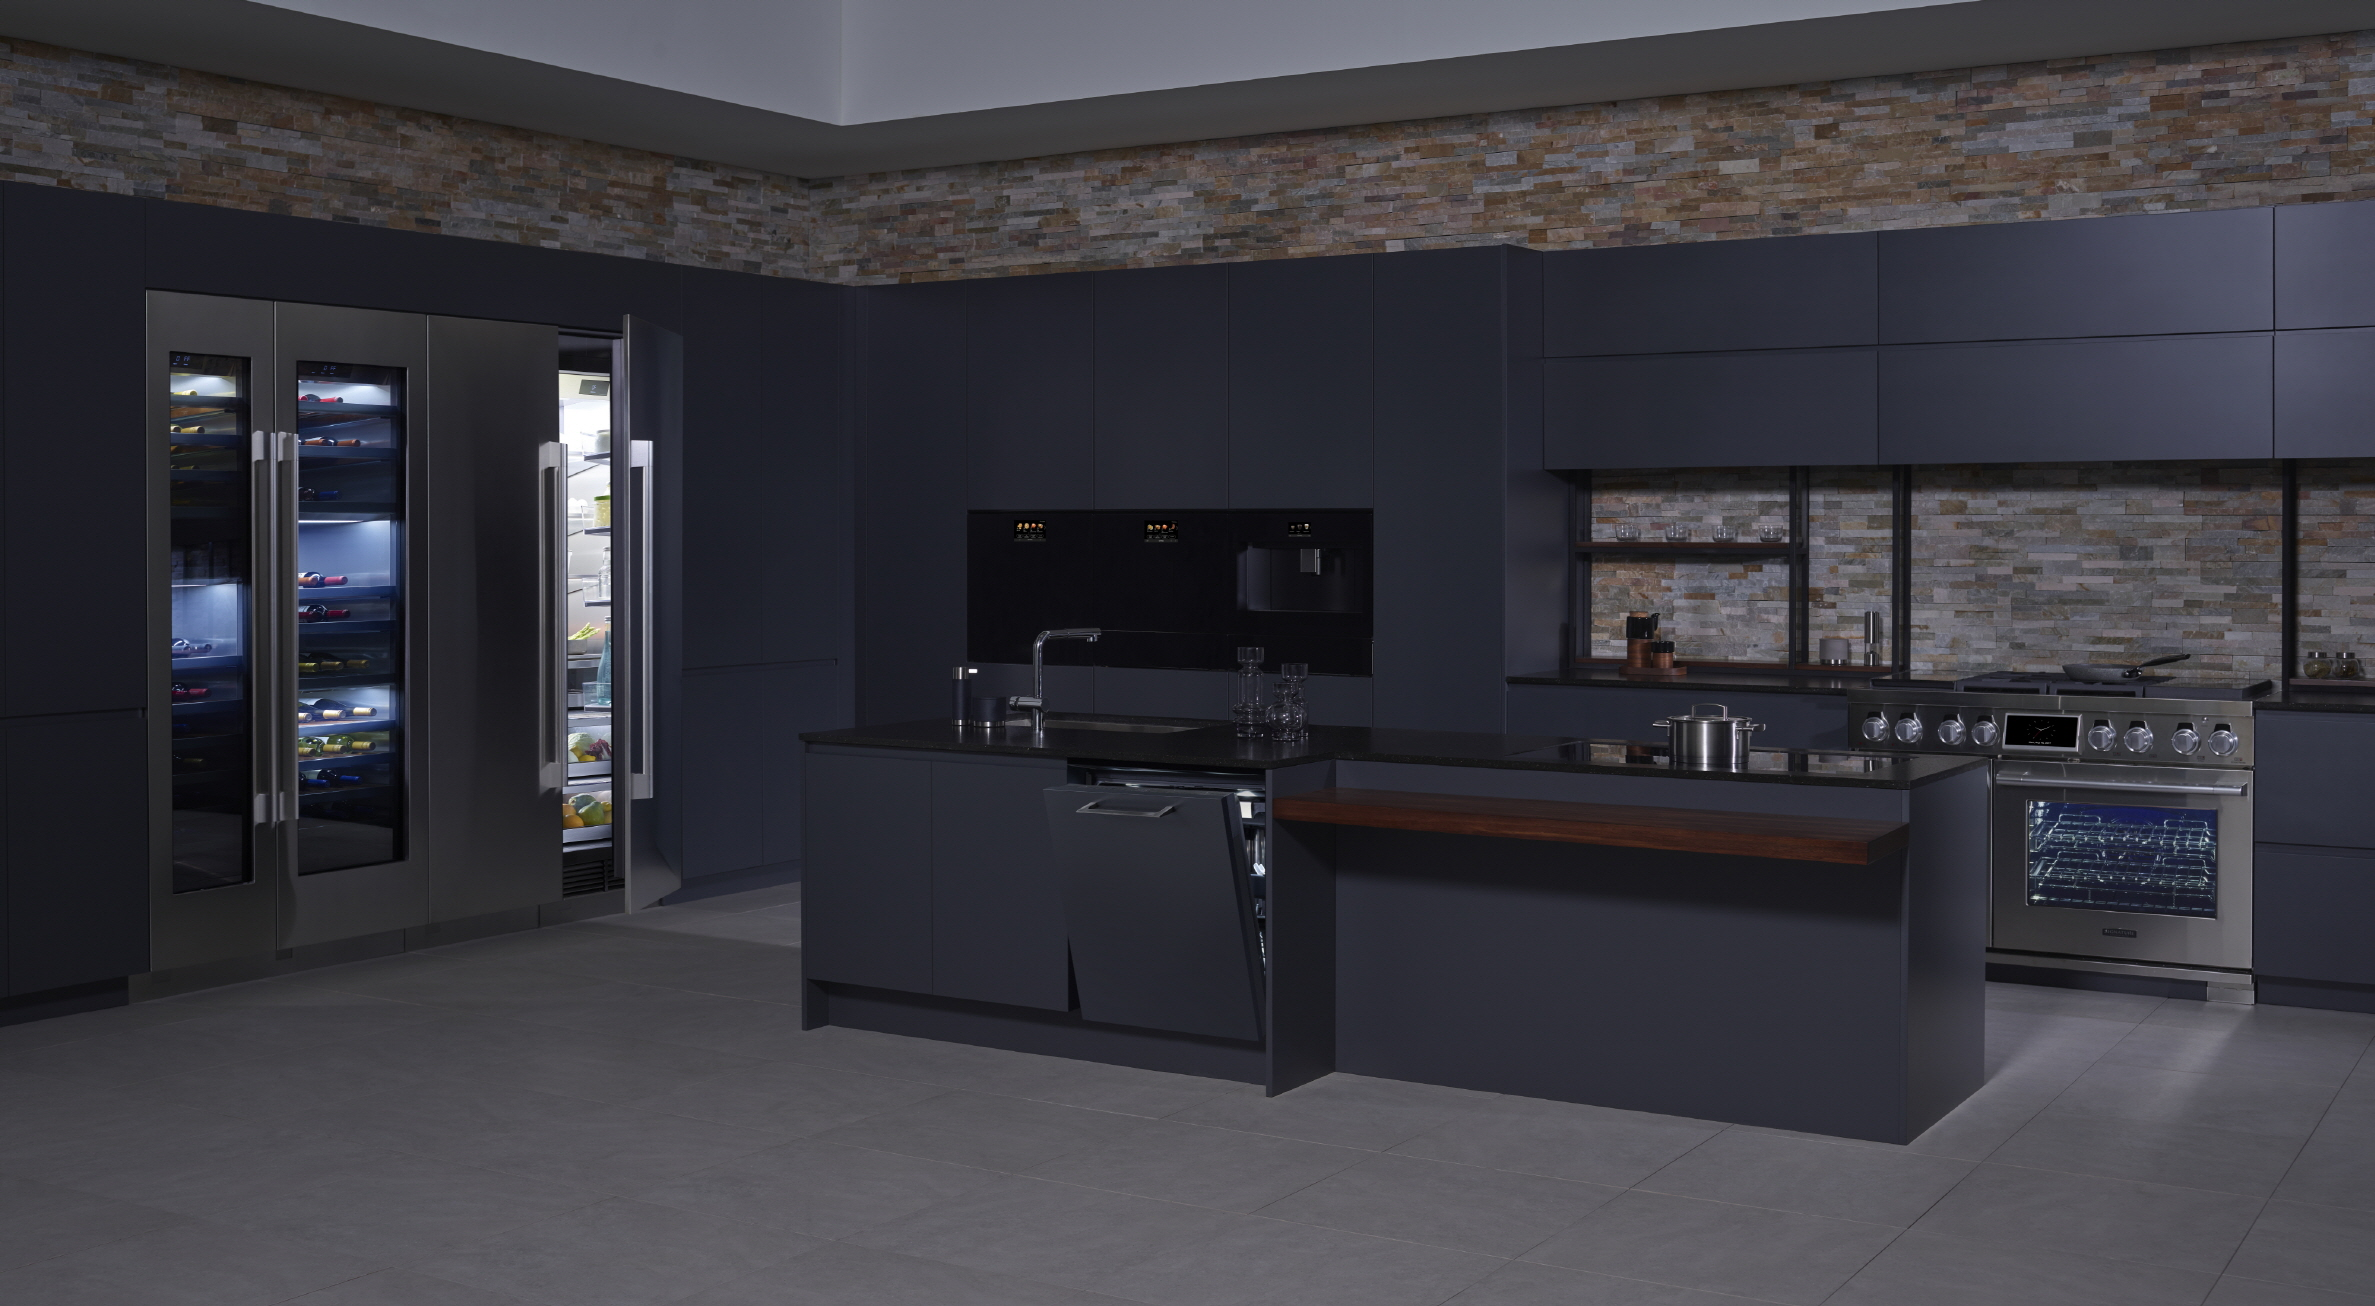 LG presenterà la soluzione Signature Kitchen Suite | IFA 2018 thumbnail